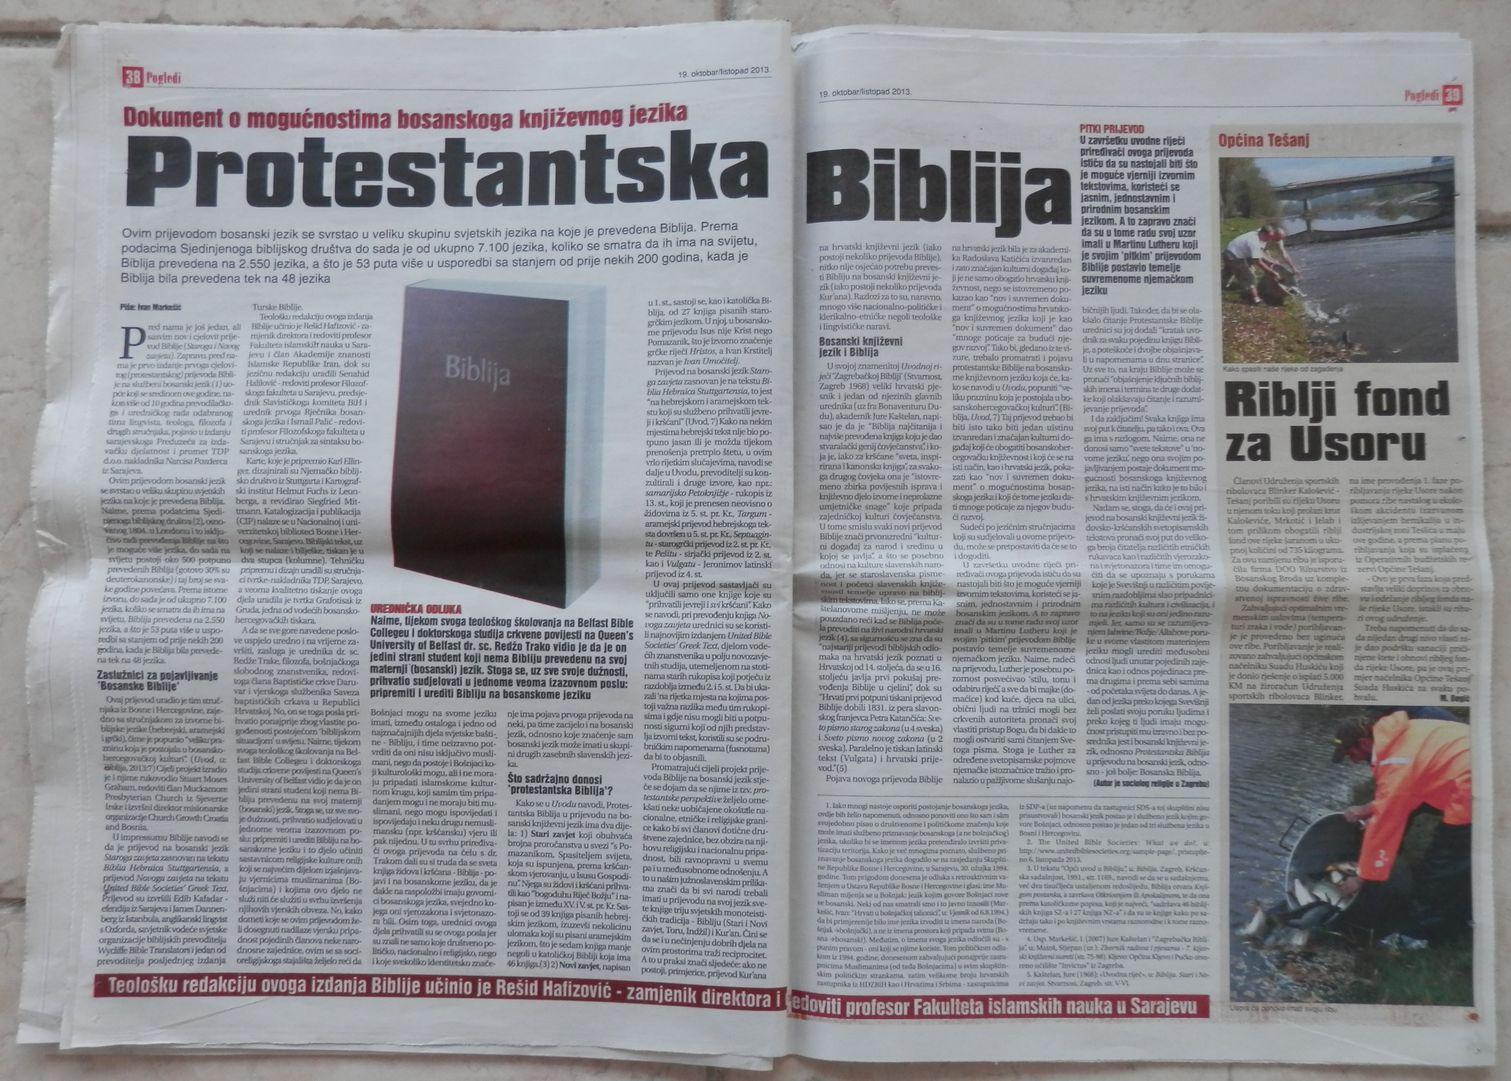 Biblija Na Hrvatskom Pdf